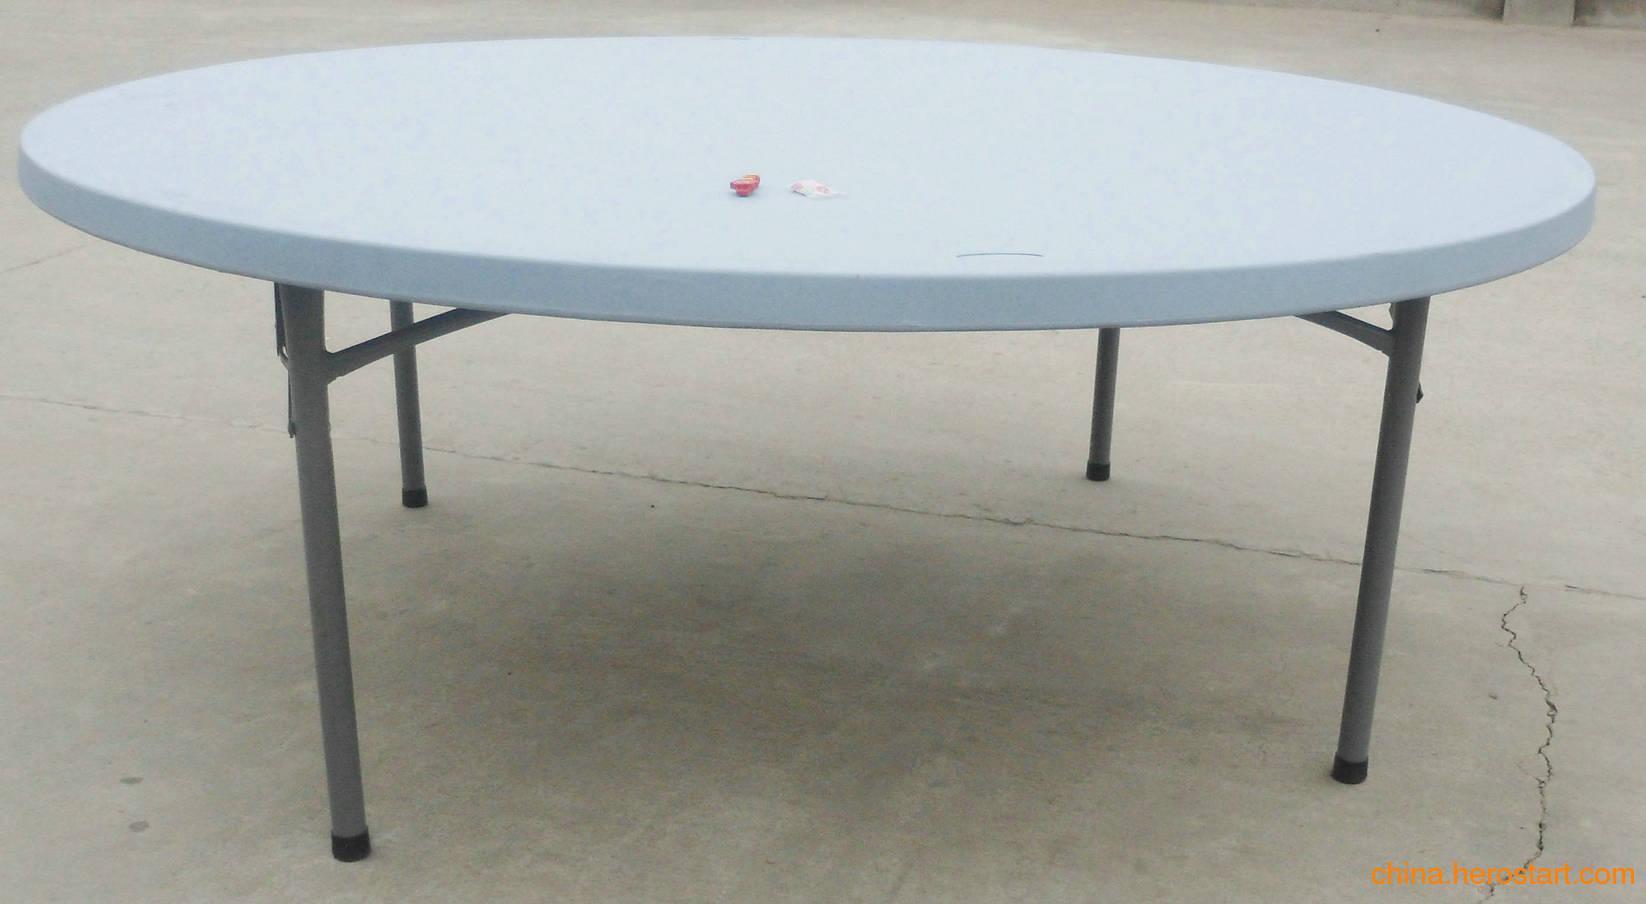 供应塑料大圆桌 200cm折叠桌子 两米桌 pe面板钢管桌腿 户外宴会专用图片